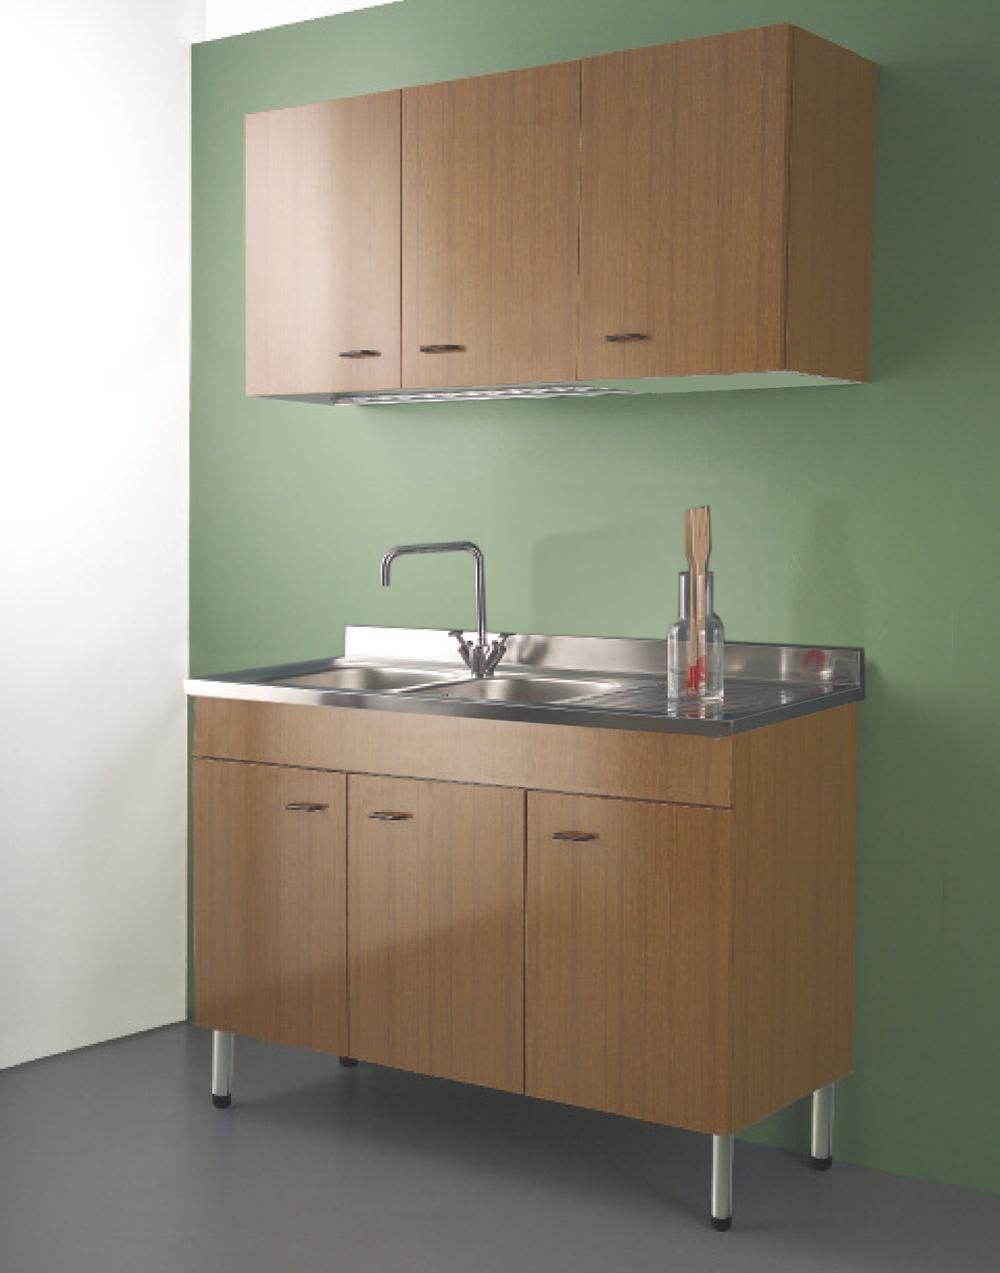 cucine complete e componibili per la casa | ebay - Base Cucina Componibile